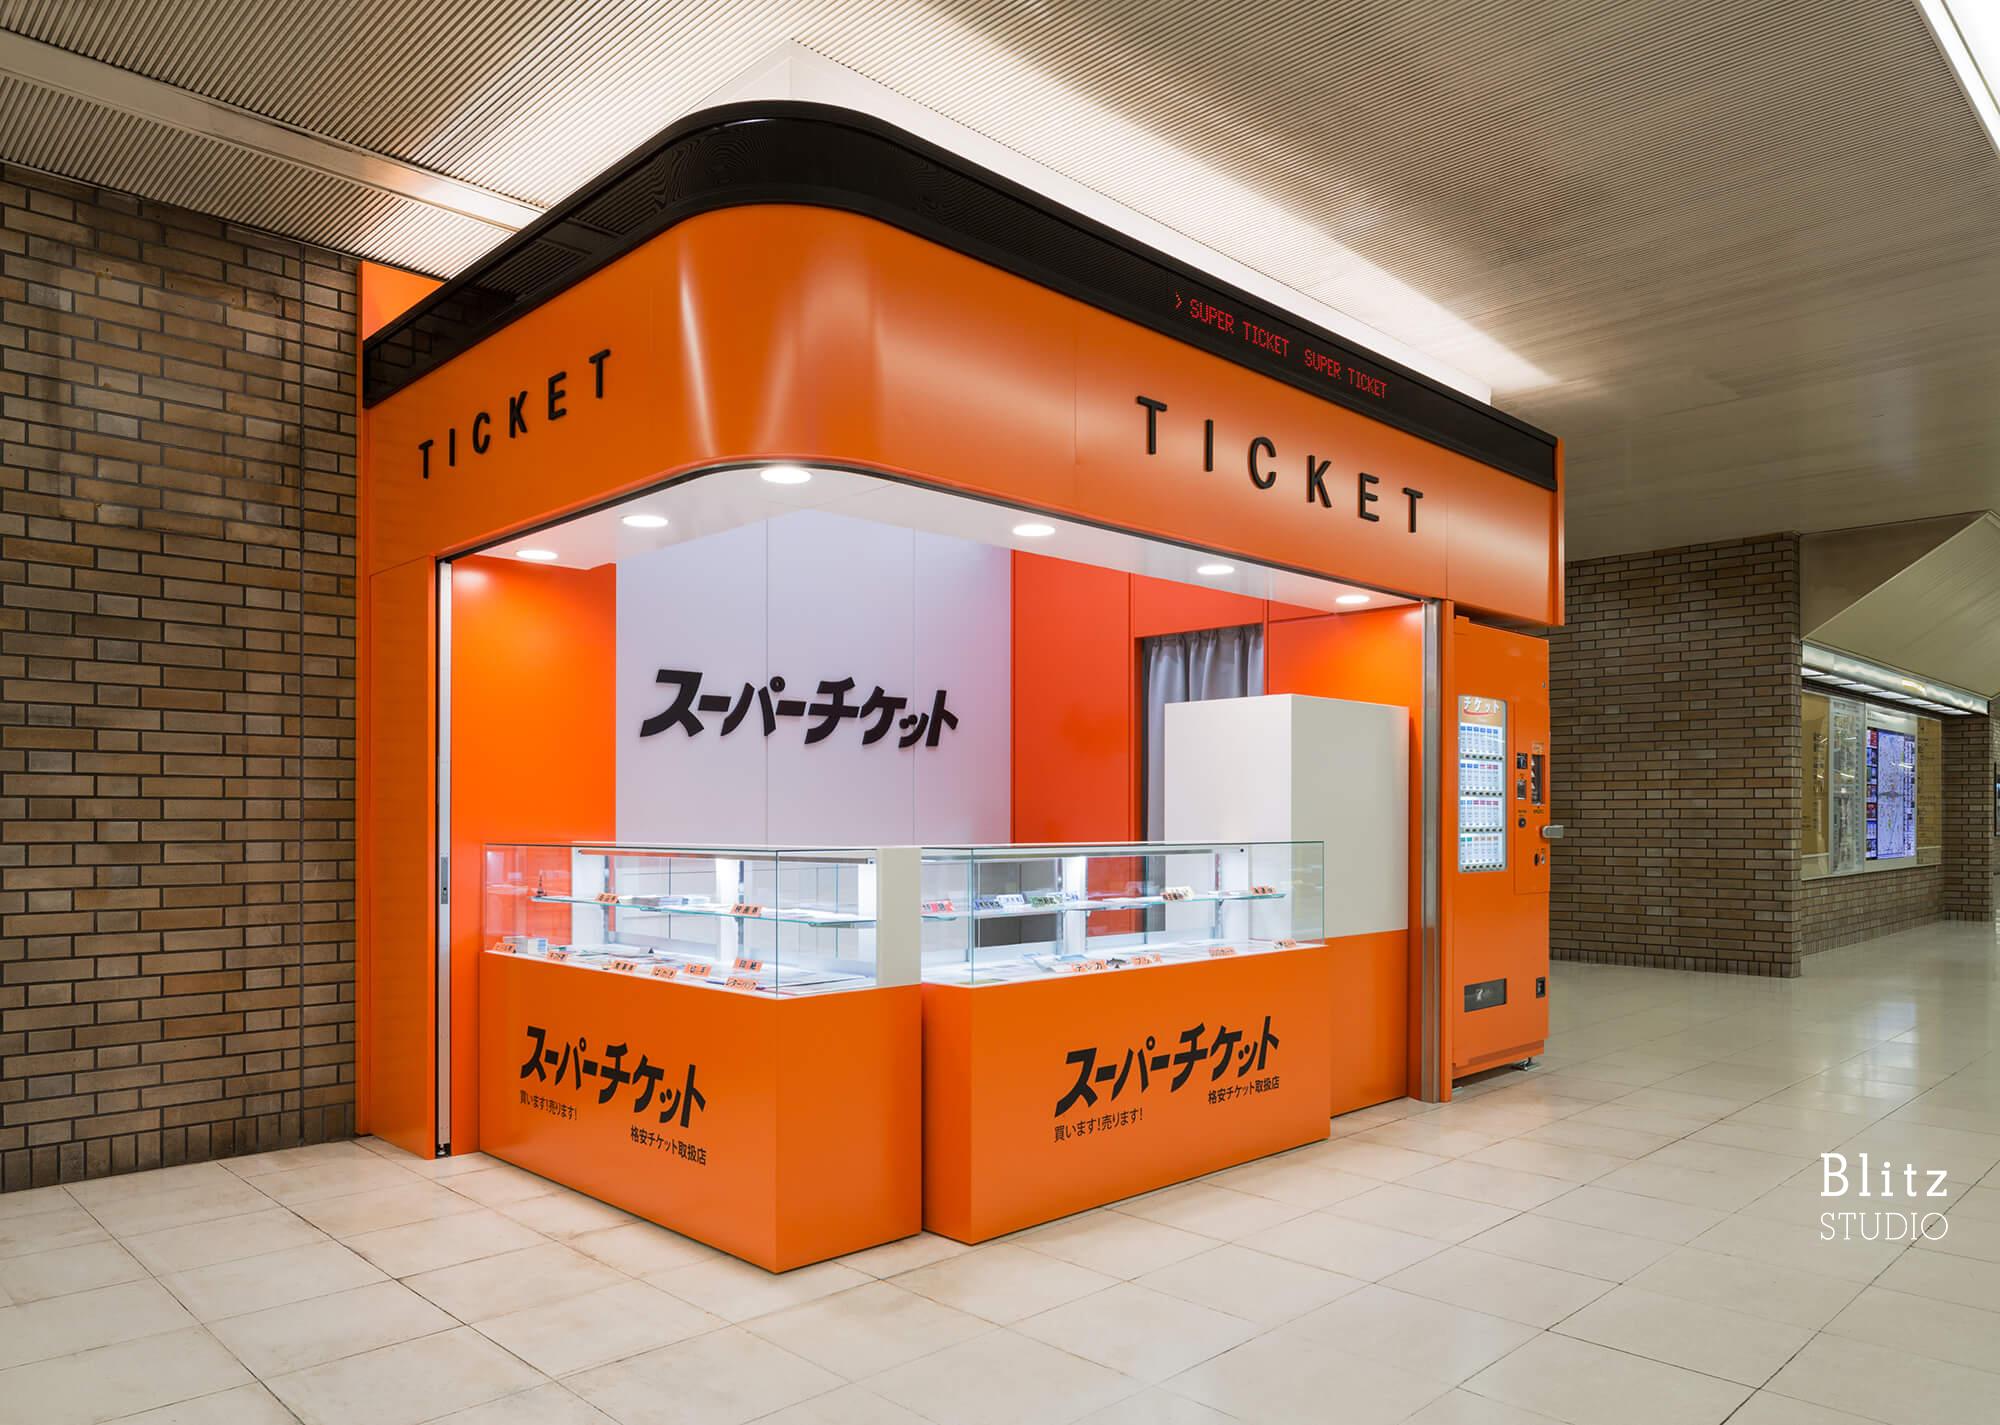 『スーパーチケット 地下鉄博多口店』建築写真・竣工写真・インテリア写真8